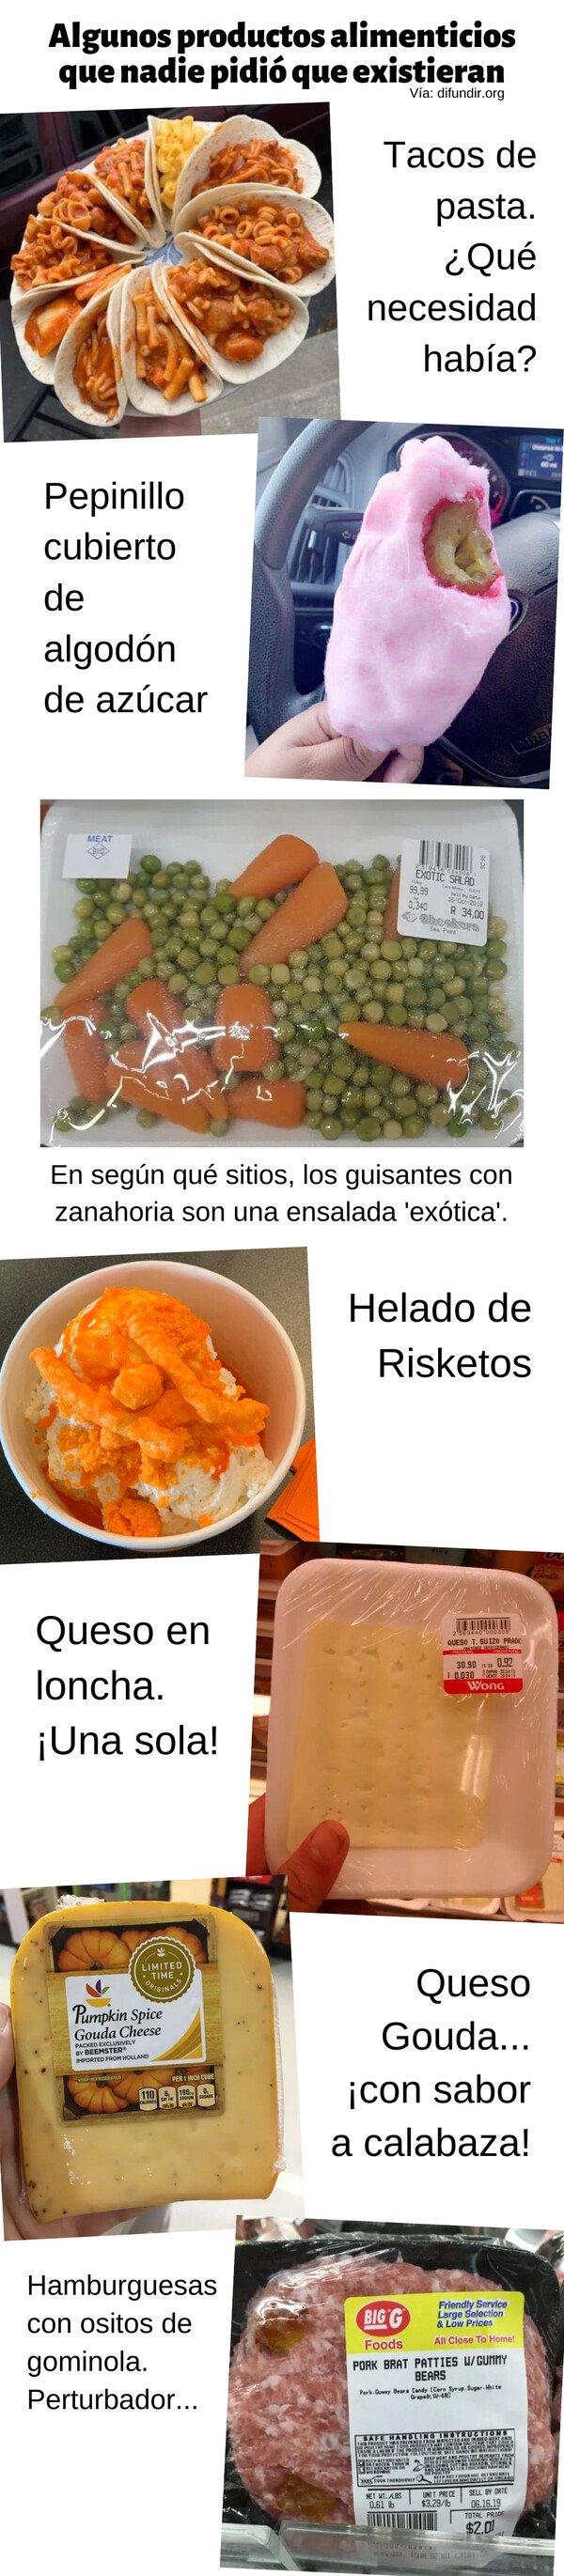 Meme_otros - Algunos productos alimenticios que nadie pidió que existieran